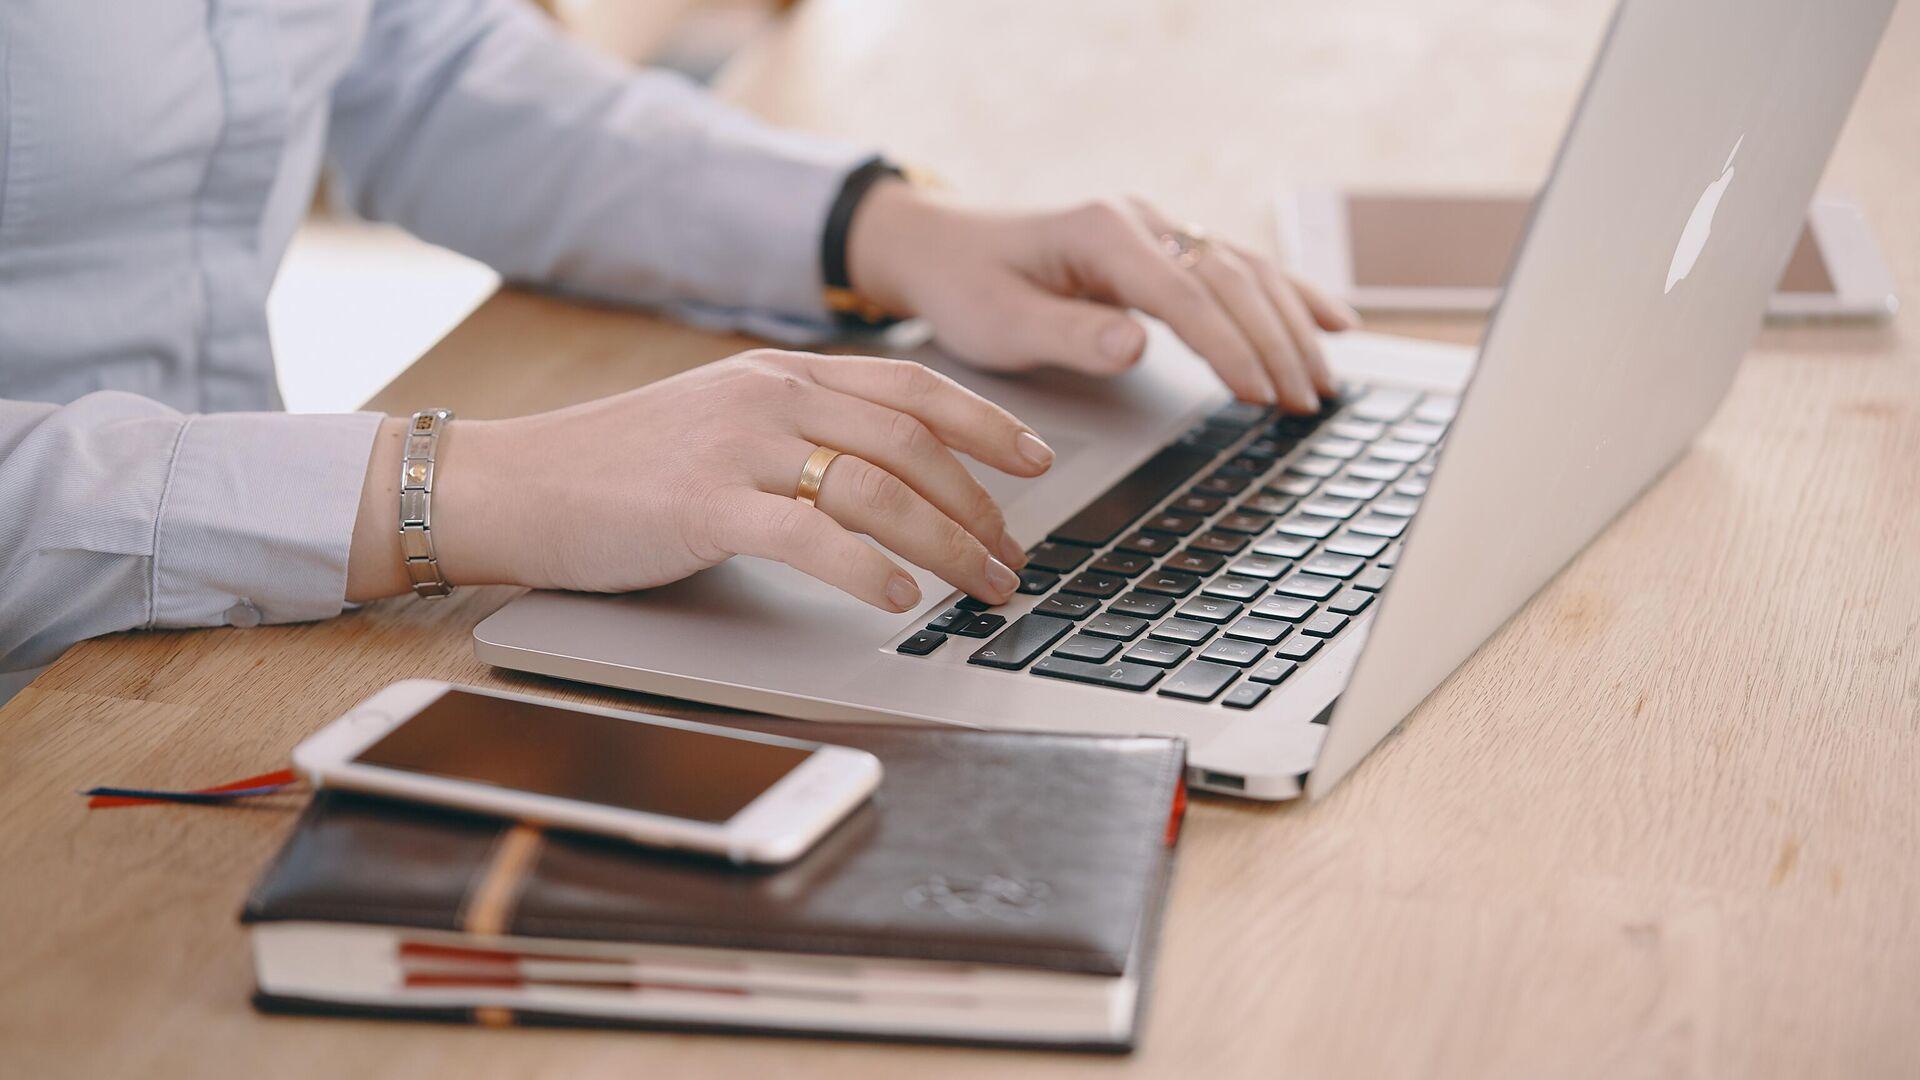 Женщина работает за ноутбуком - РИА Новости, 1920, 02.09.2021